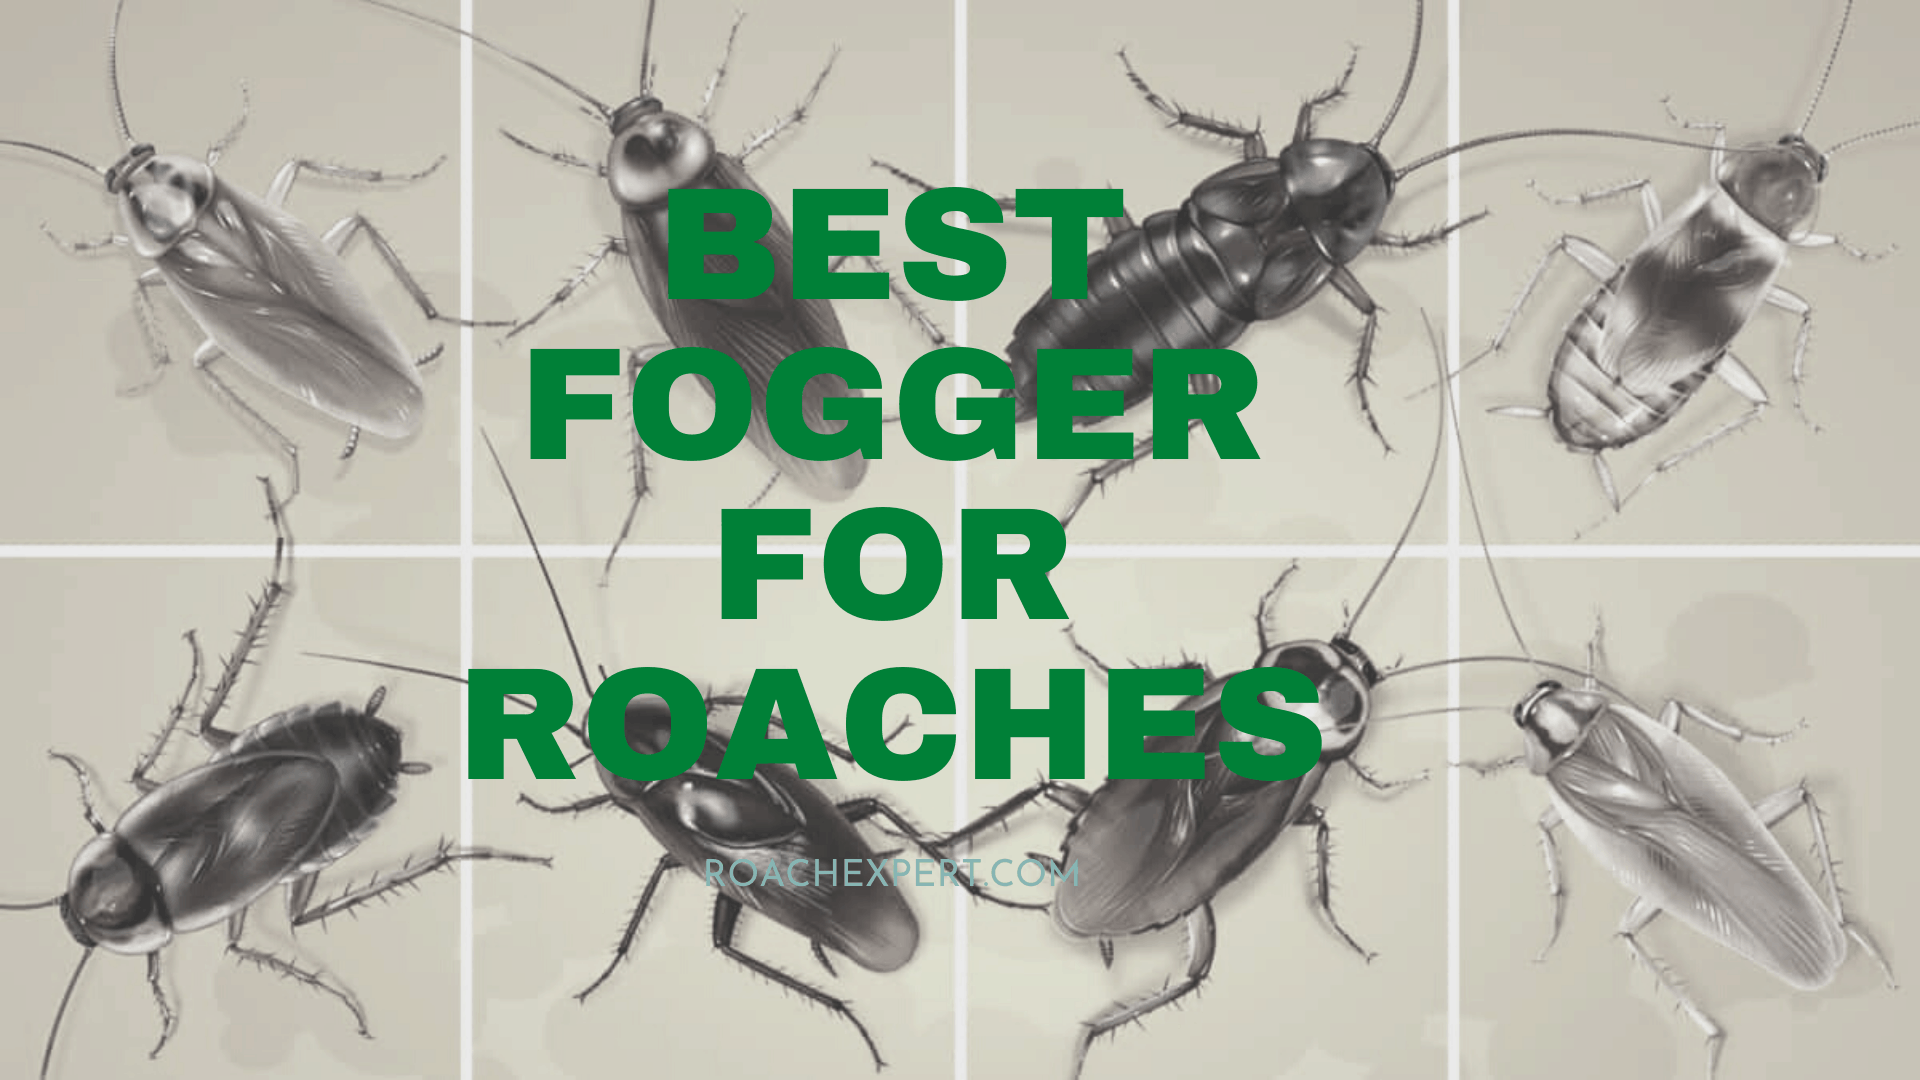 Best Fogger For Roaches